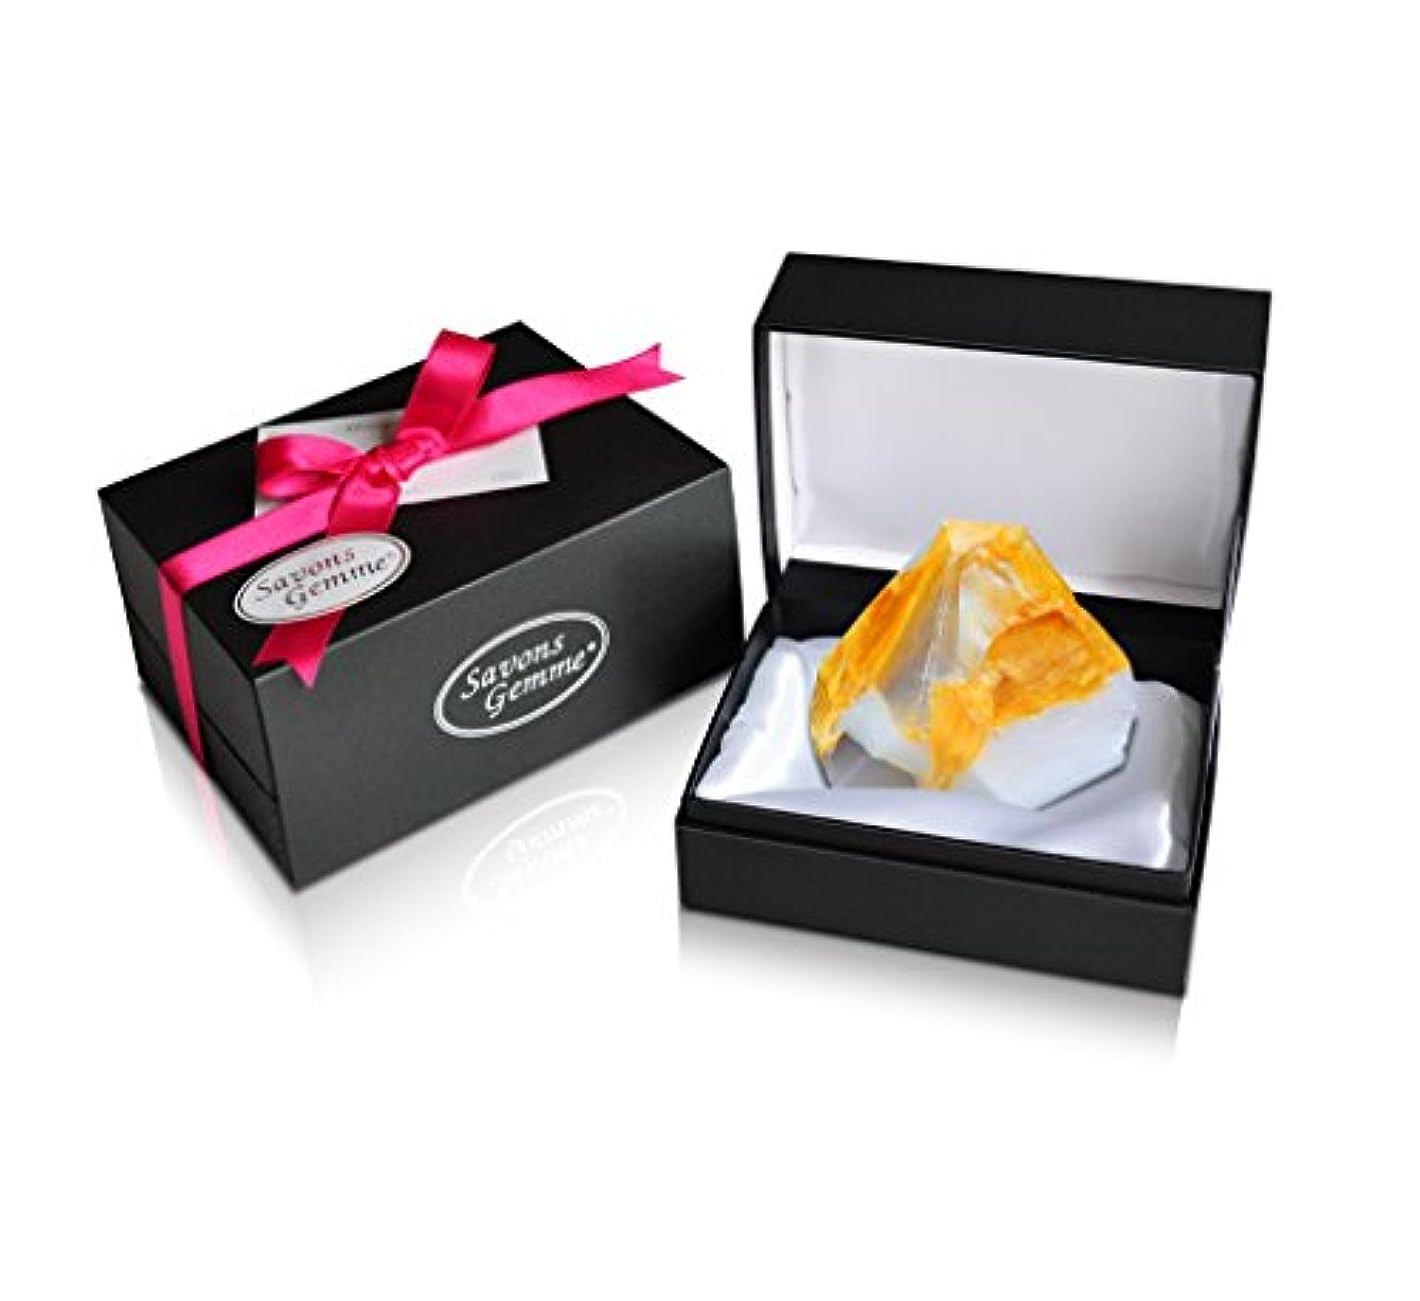 抹消暗い従事するSavons Gemme サボンジェム ジュエリーギフトボックス 世界で一番美しい宝石石鹸 フレグランス ソープ 宝石箱のようなラグジュアリー感を演出 アルバトールオリエンタル 170g 【日本総代理店品】